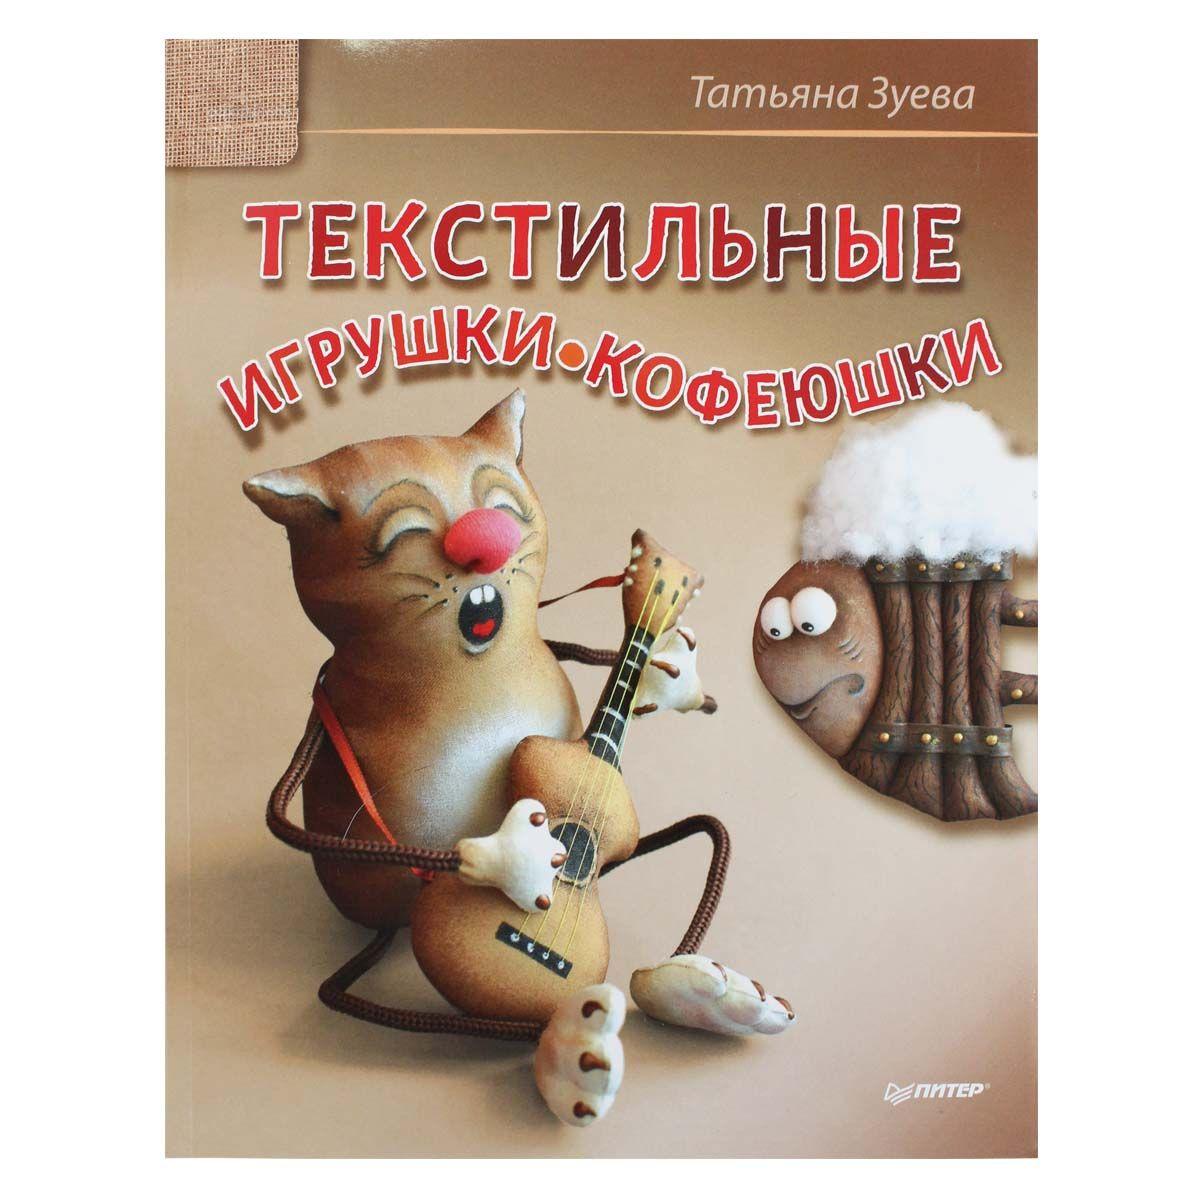 Книга. Текстильные игрушки-кофеюшки (Т.Зуева)